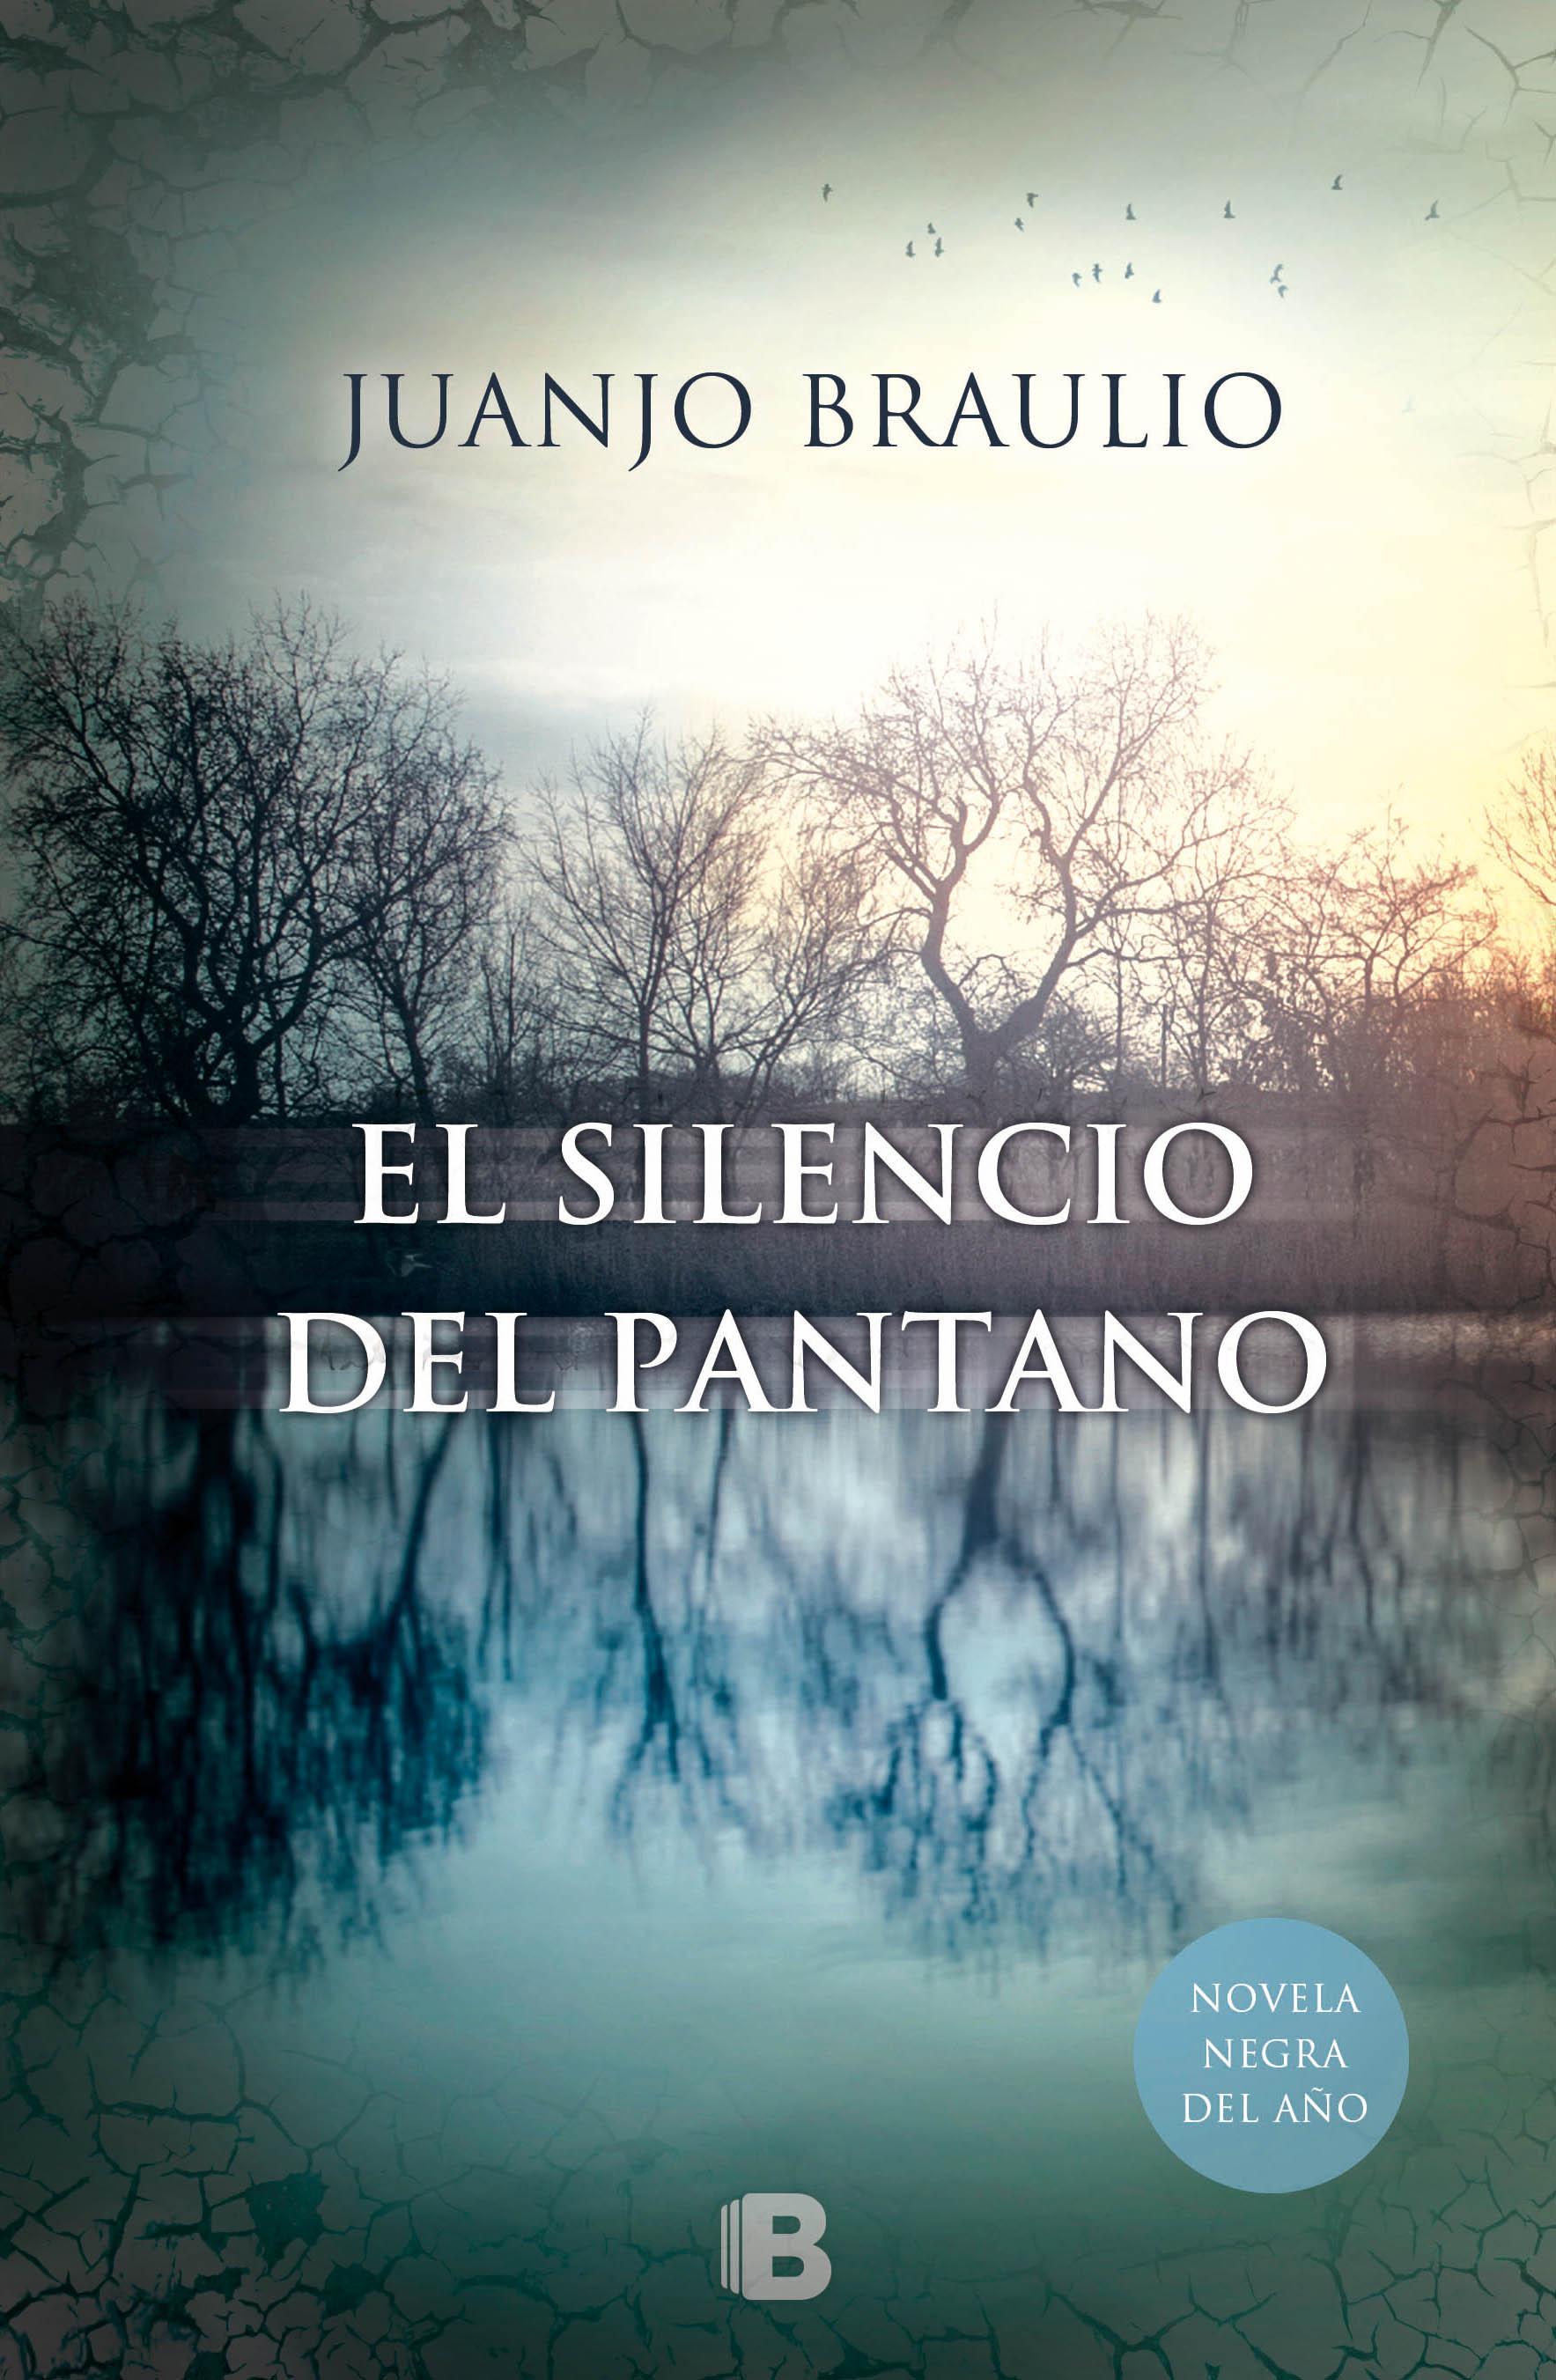 El silencio del pantano - Juanjo Braulio Portada